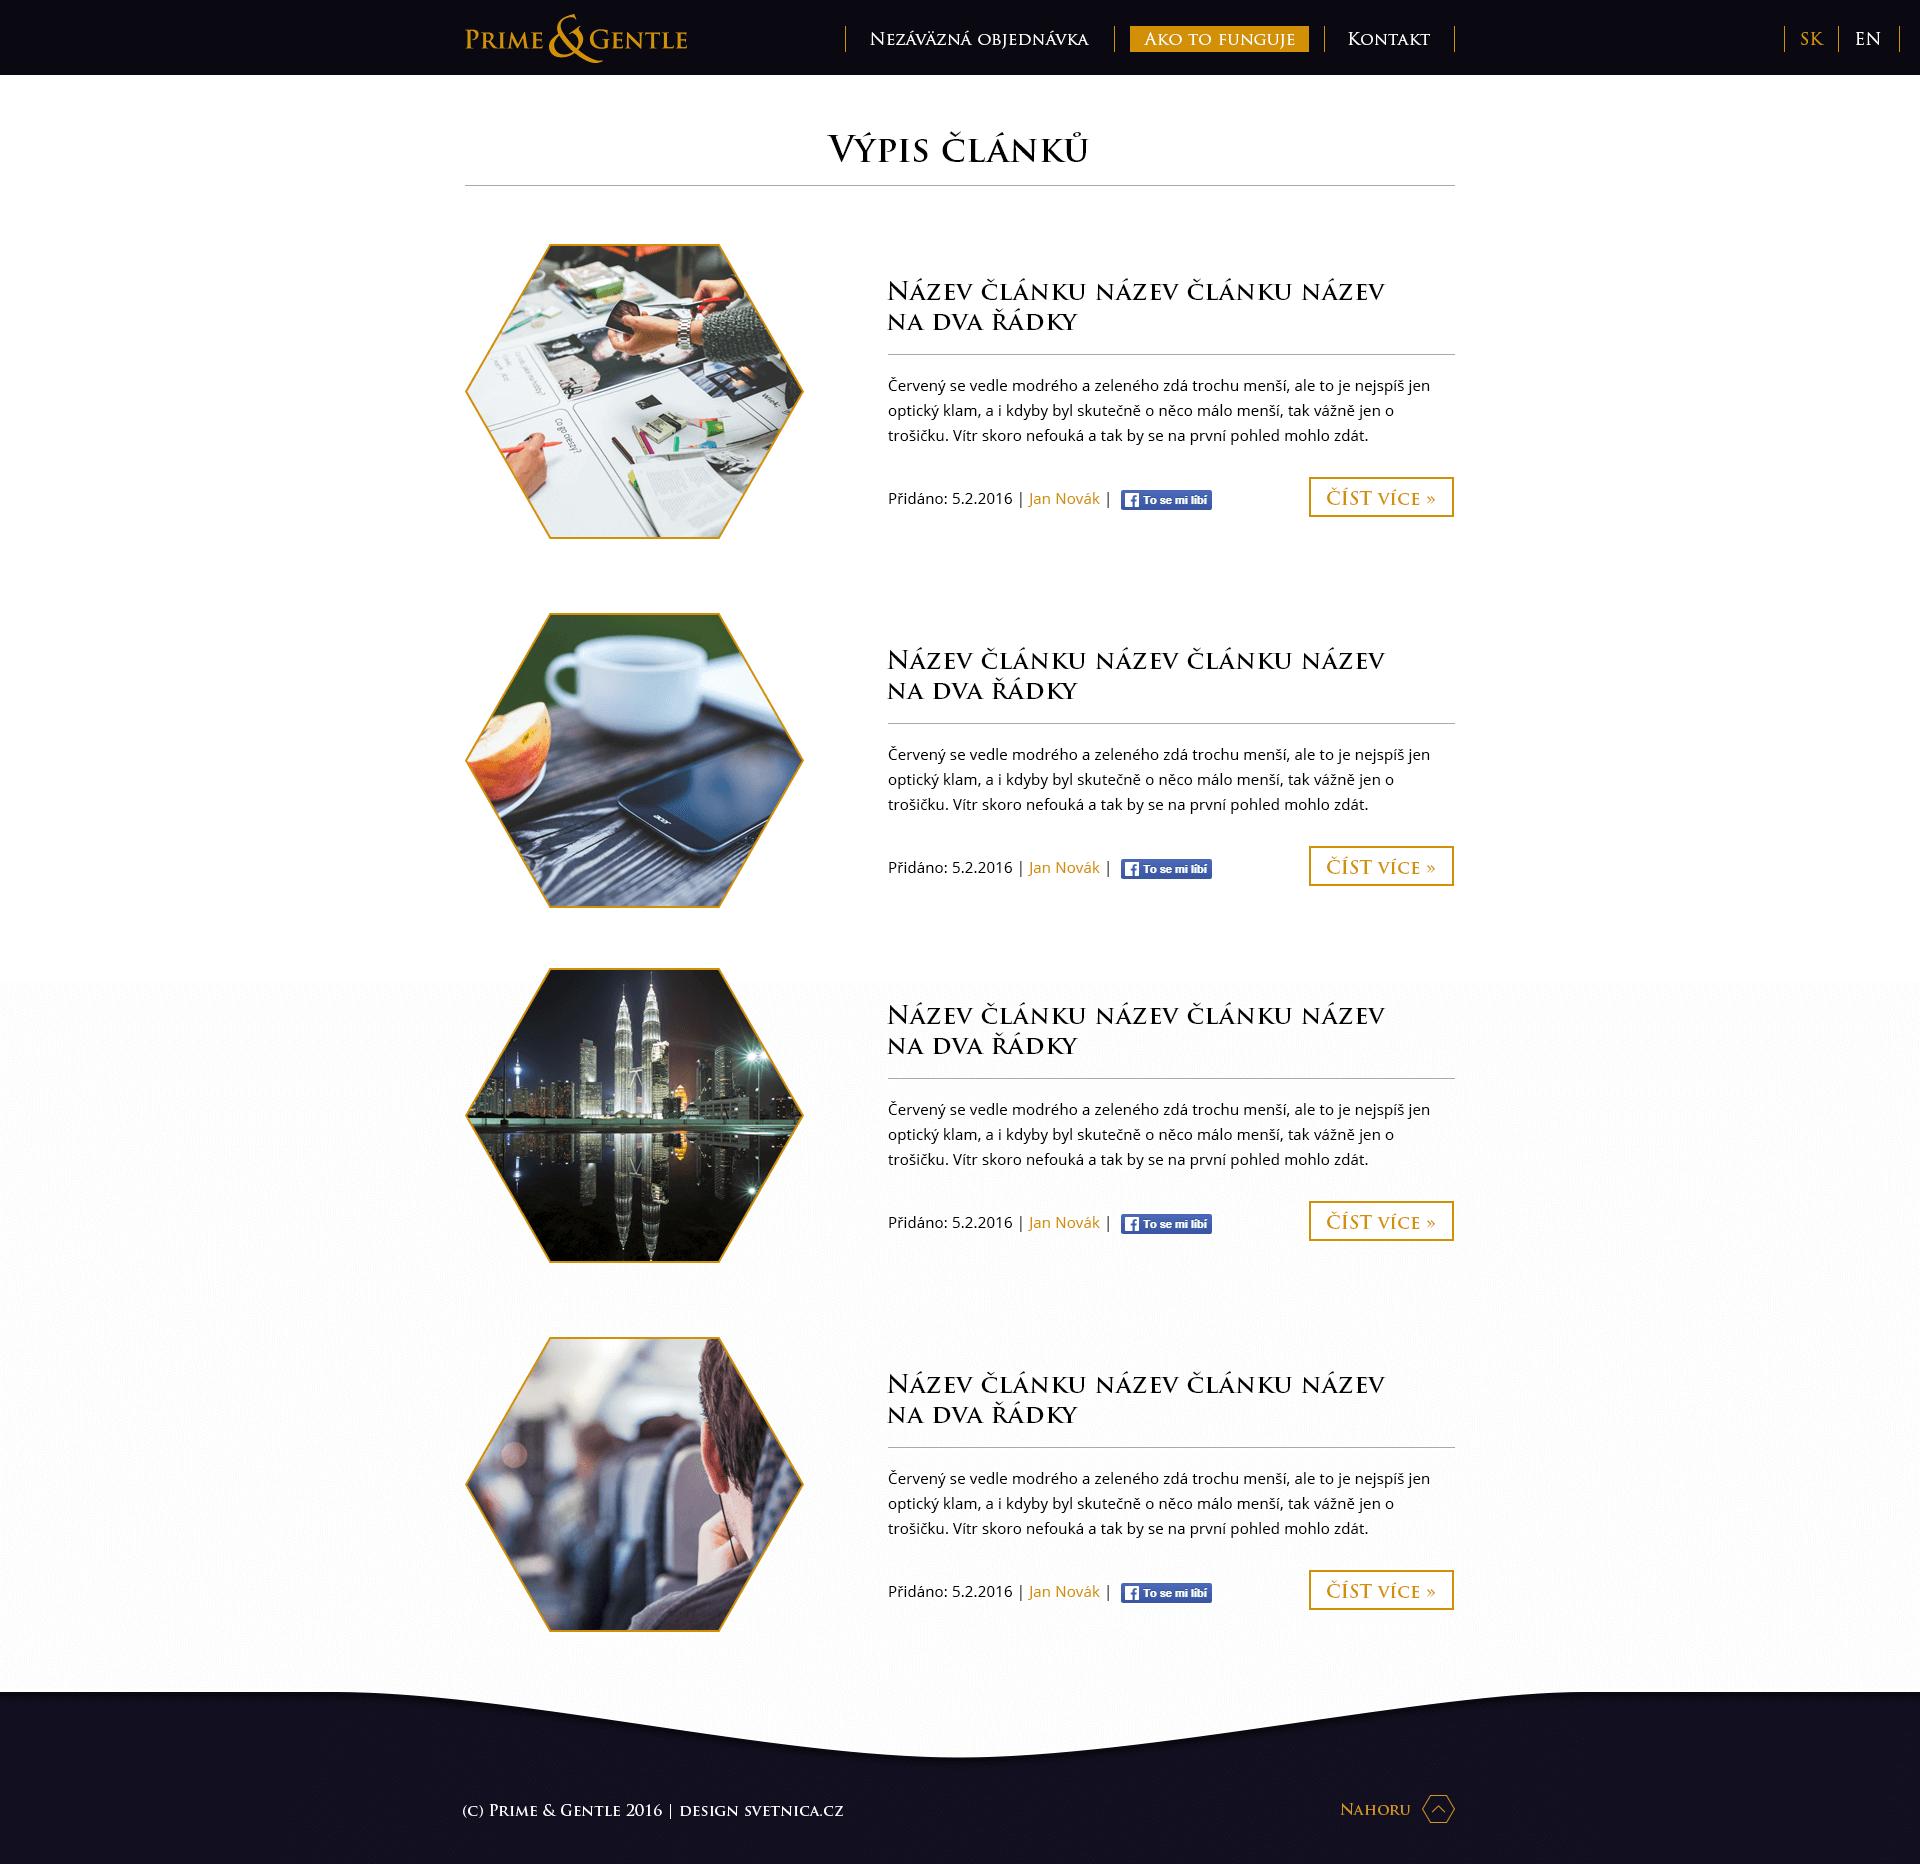 primegentle-design-blog-vypis